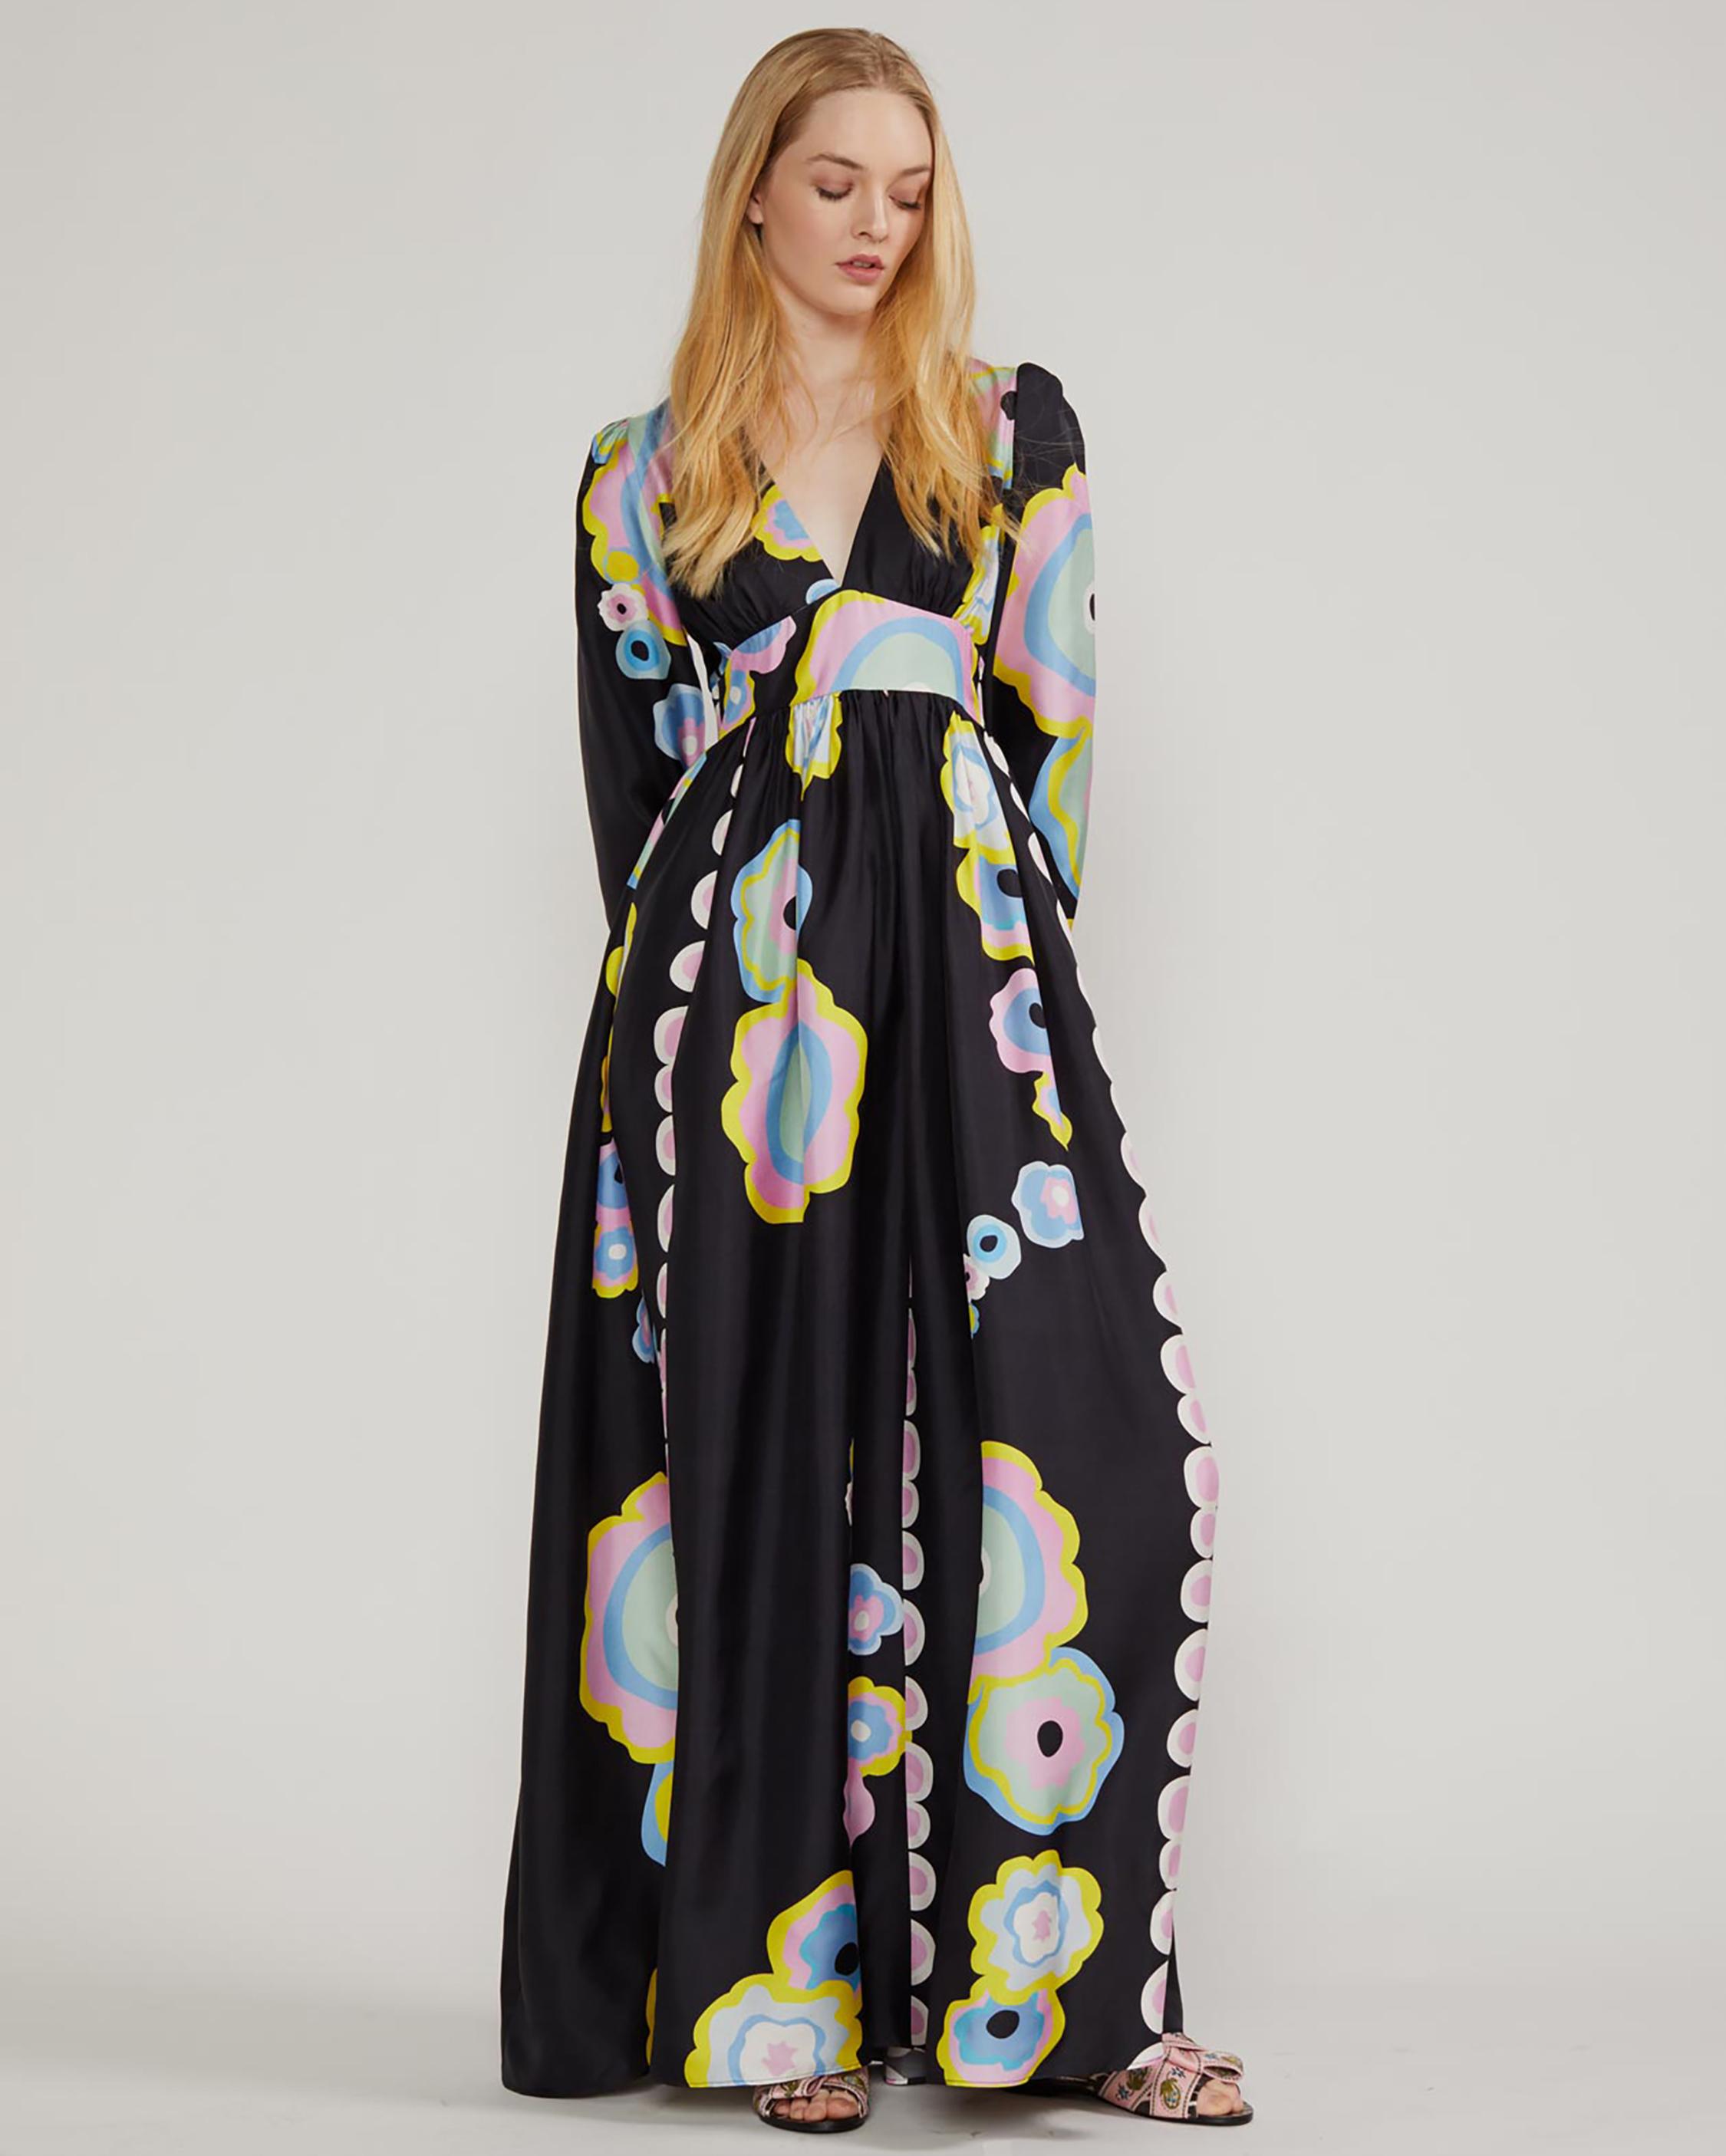 Cynthia Rowley Genevieve V Neck Maxi Dress 1